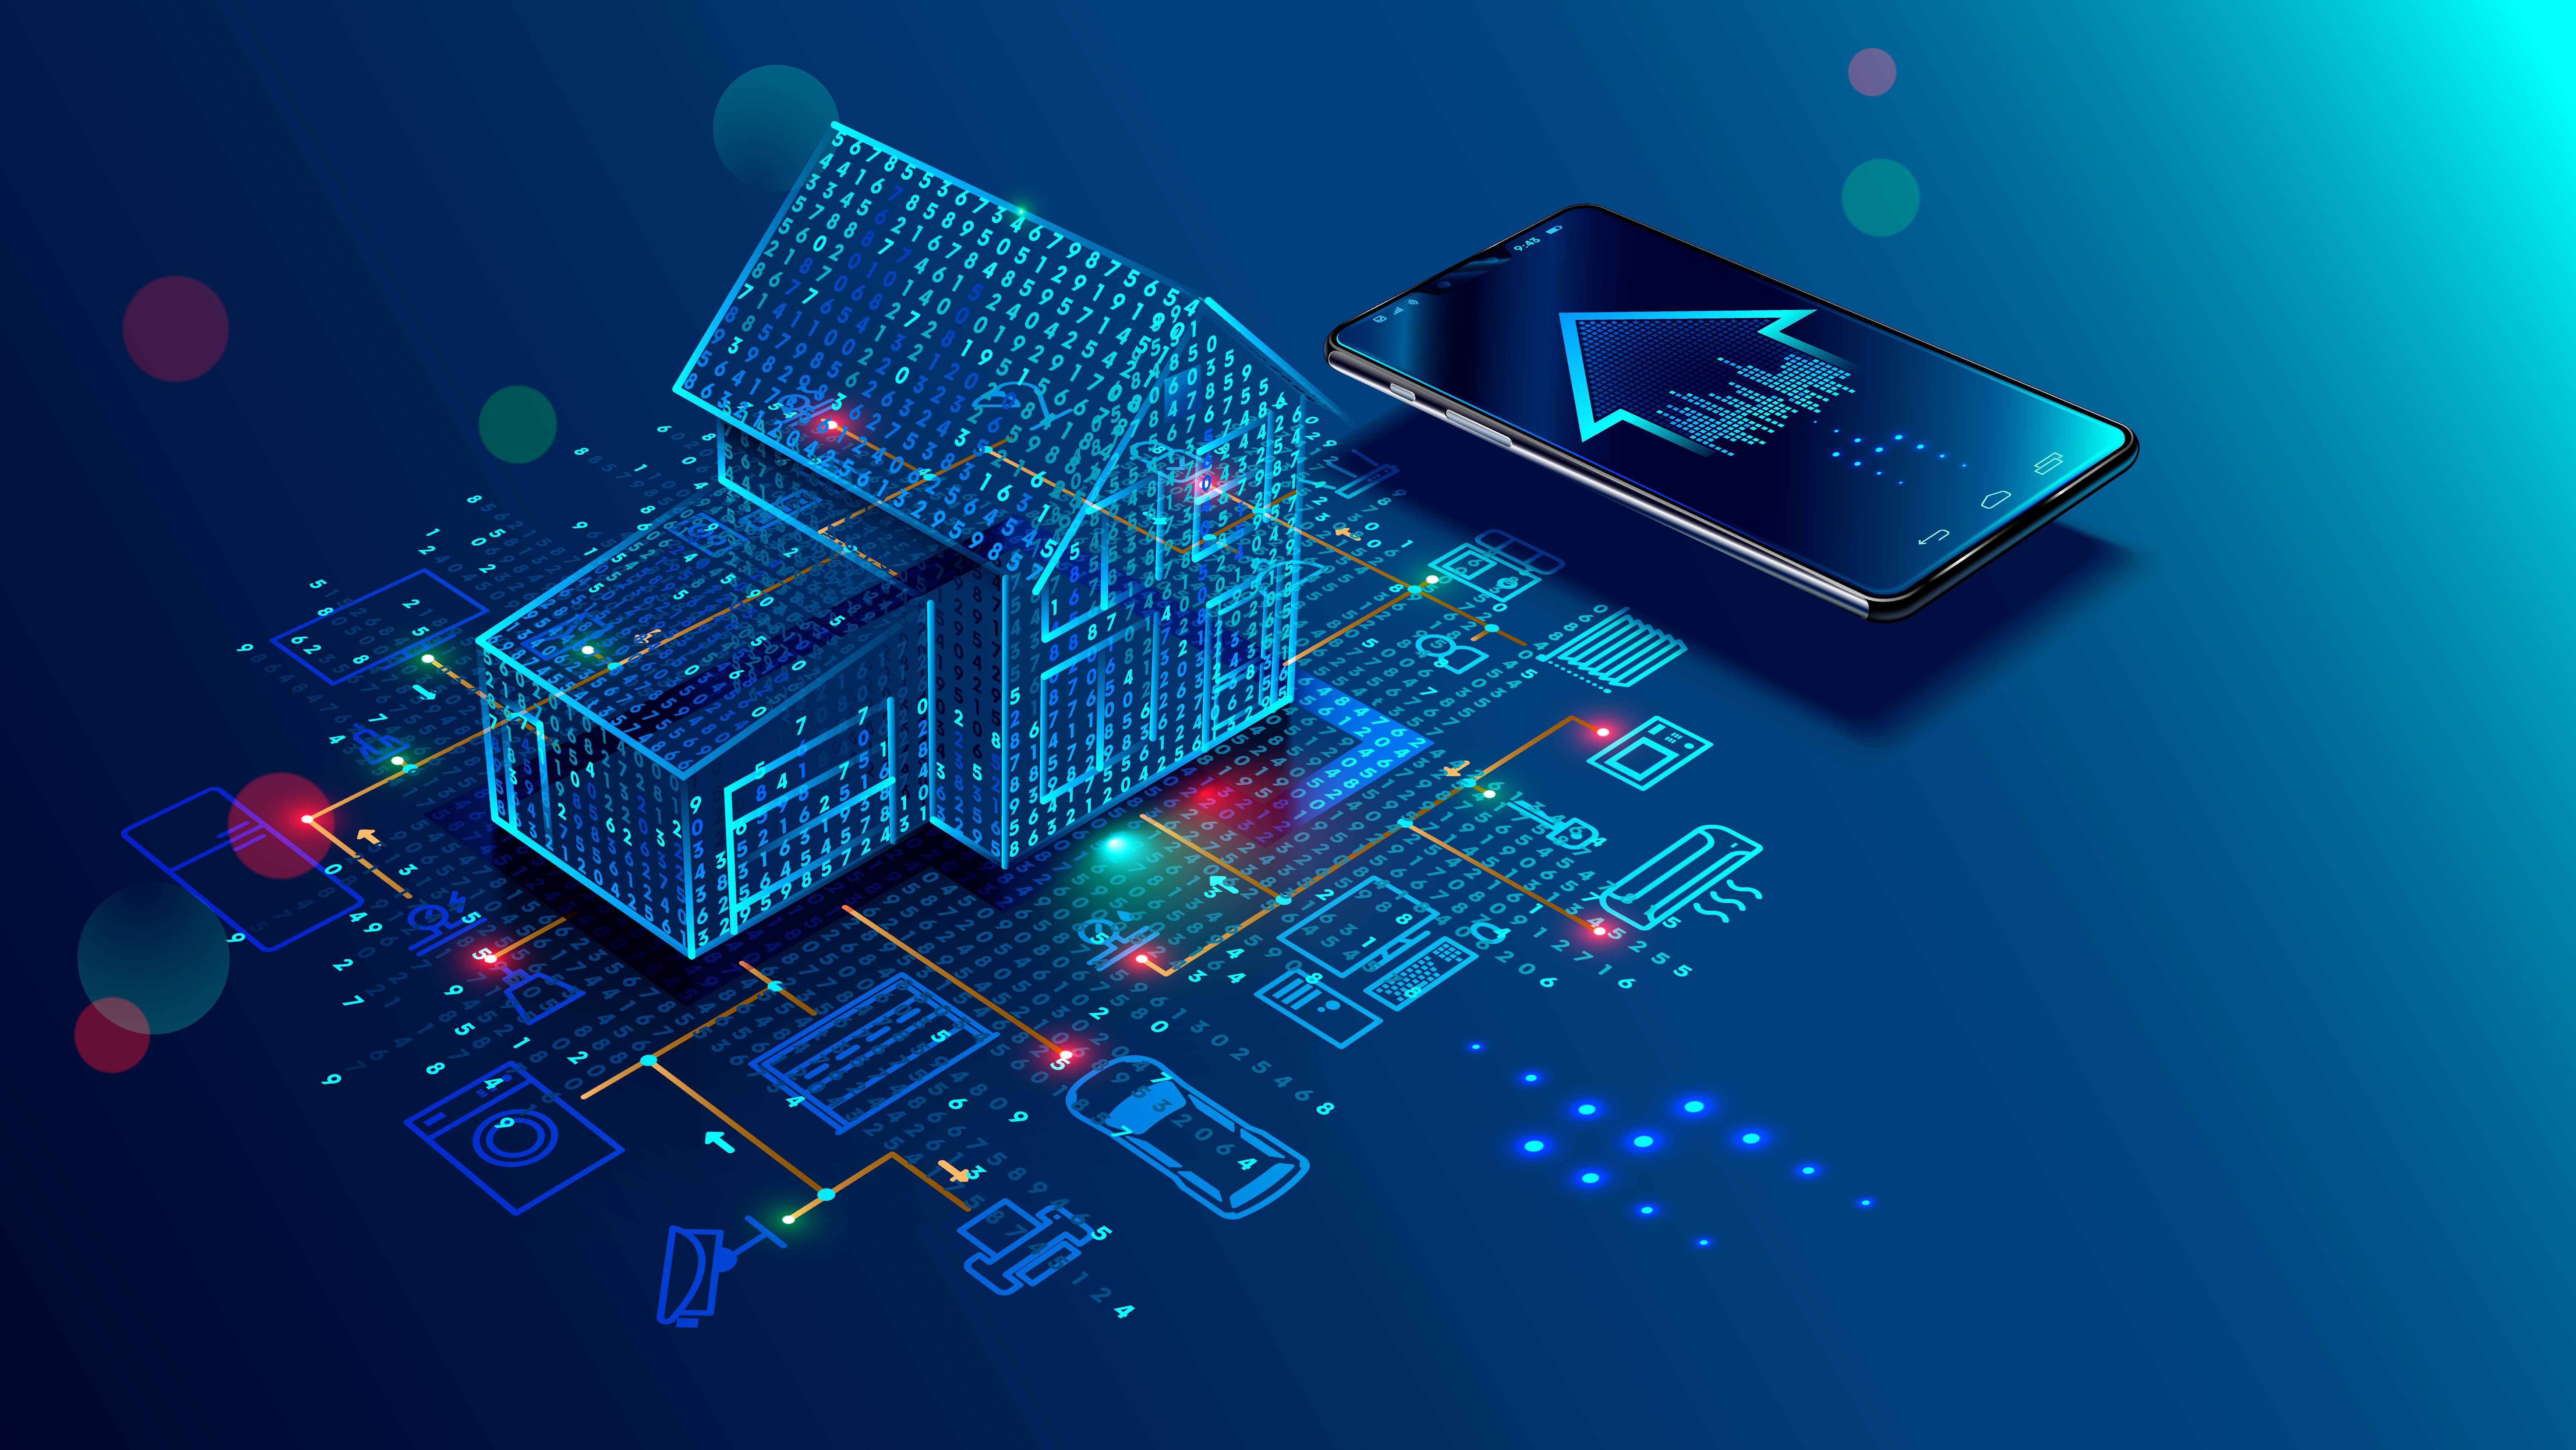 نگاهی به تجهیزات خانه هوشمند